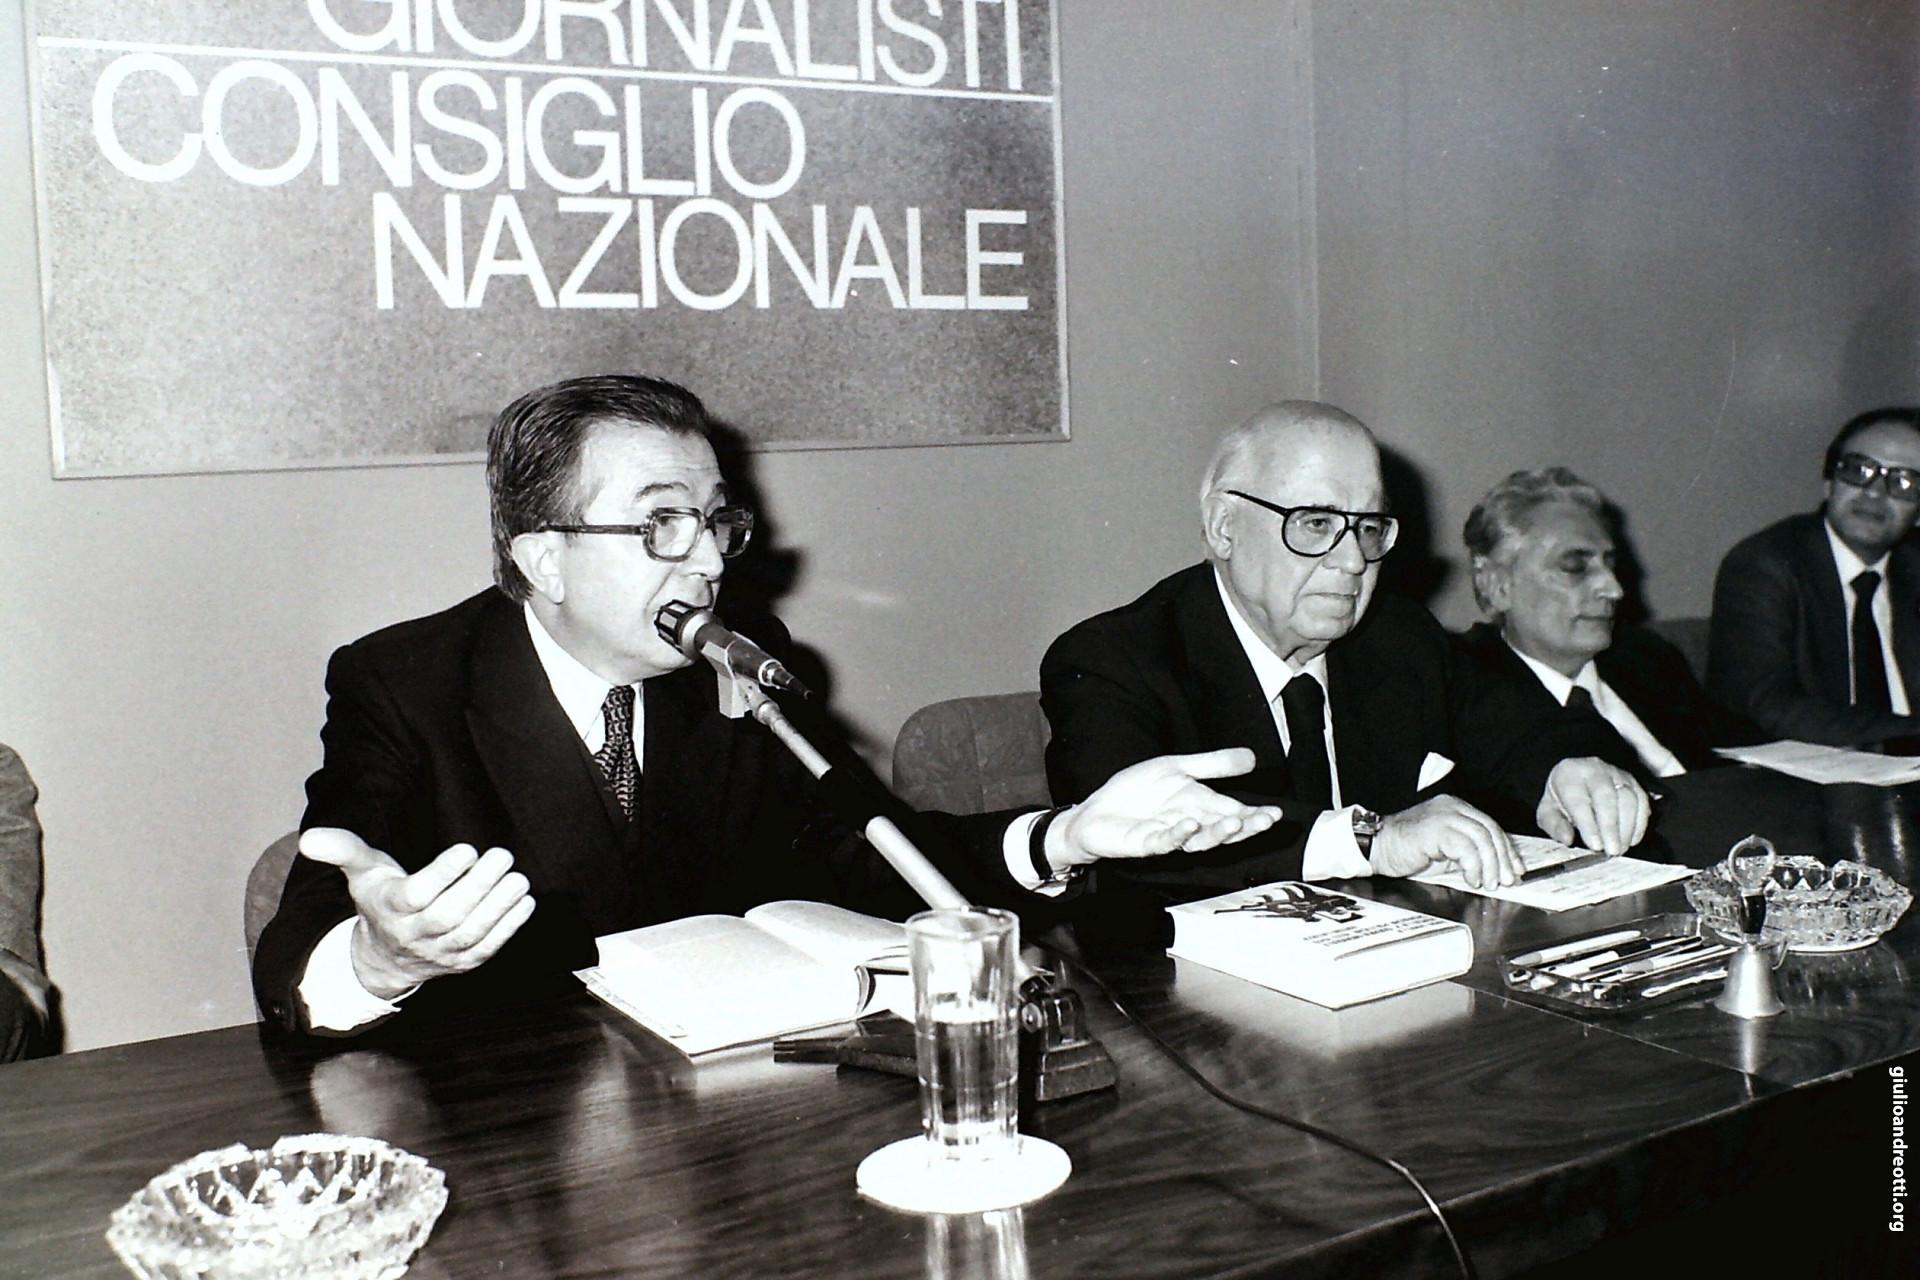 """1980. Andreotti con Guido Gonella alla presentazione del libro di Rodolfo Doni """"La doppia vita"""" (foto Marcellino Radogna)"""